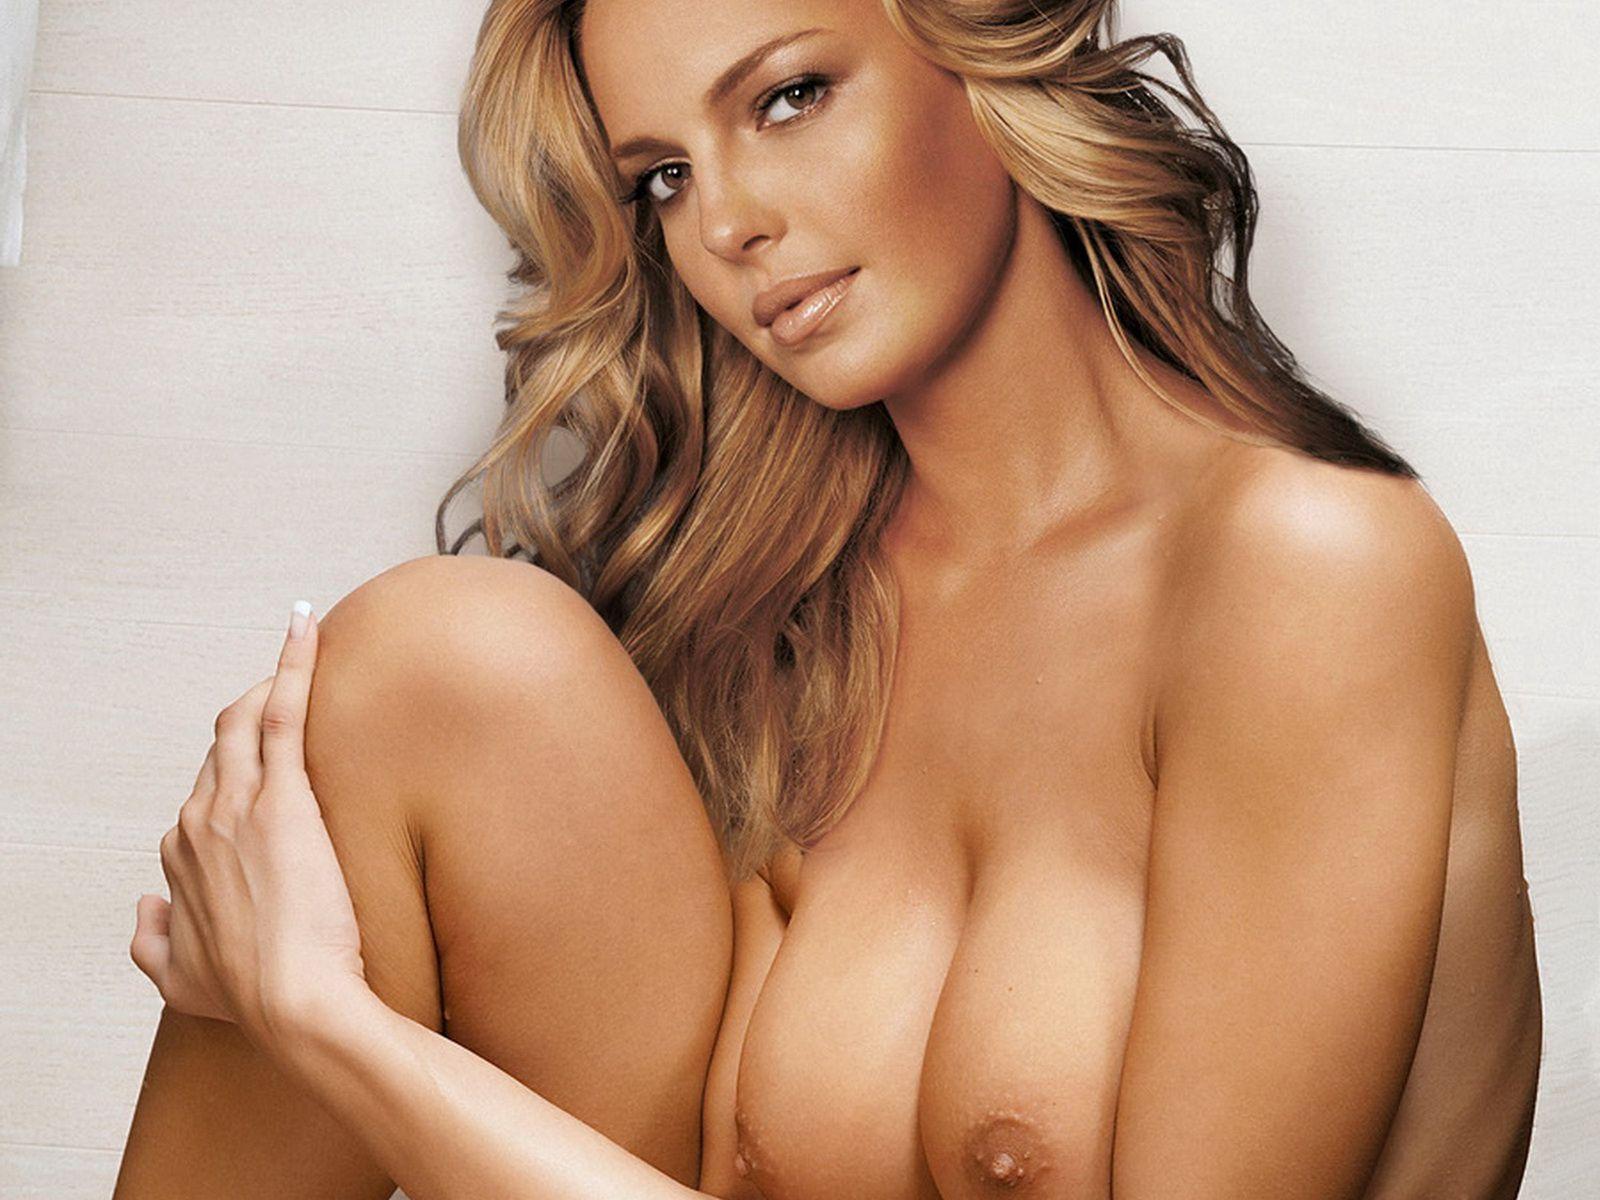 Kathrine heigl nude pics #5